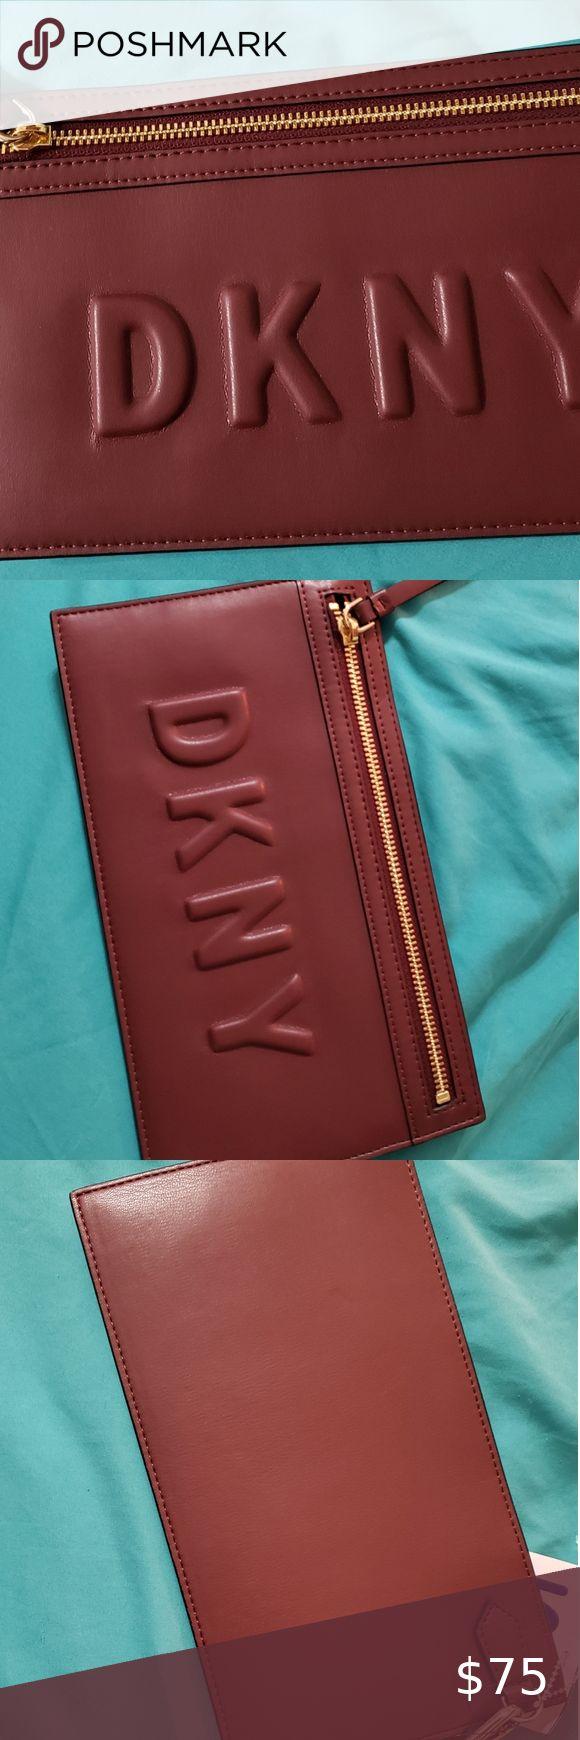 DKNY wristlet   Dkny bag, Dkny, Wristlet